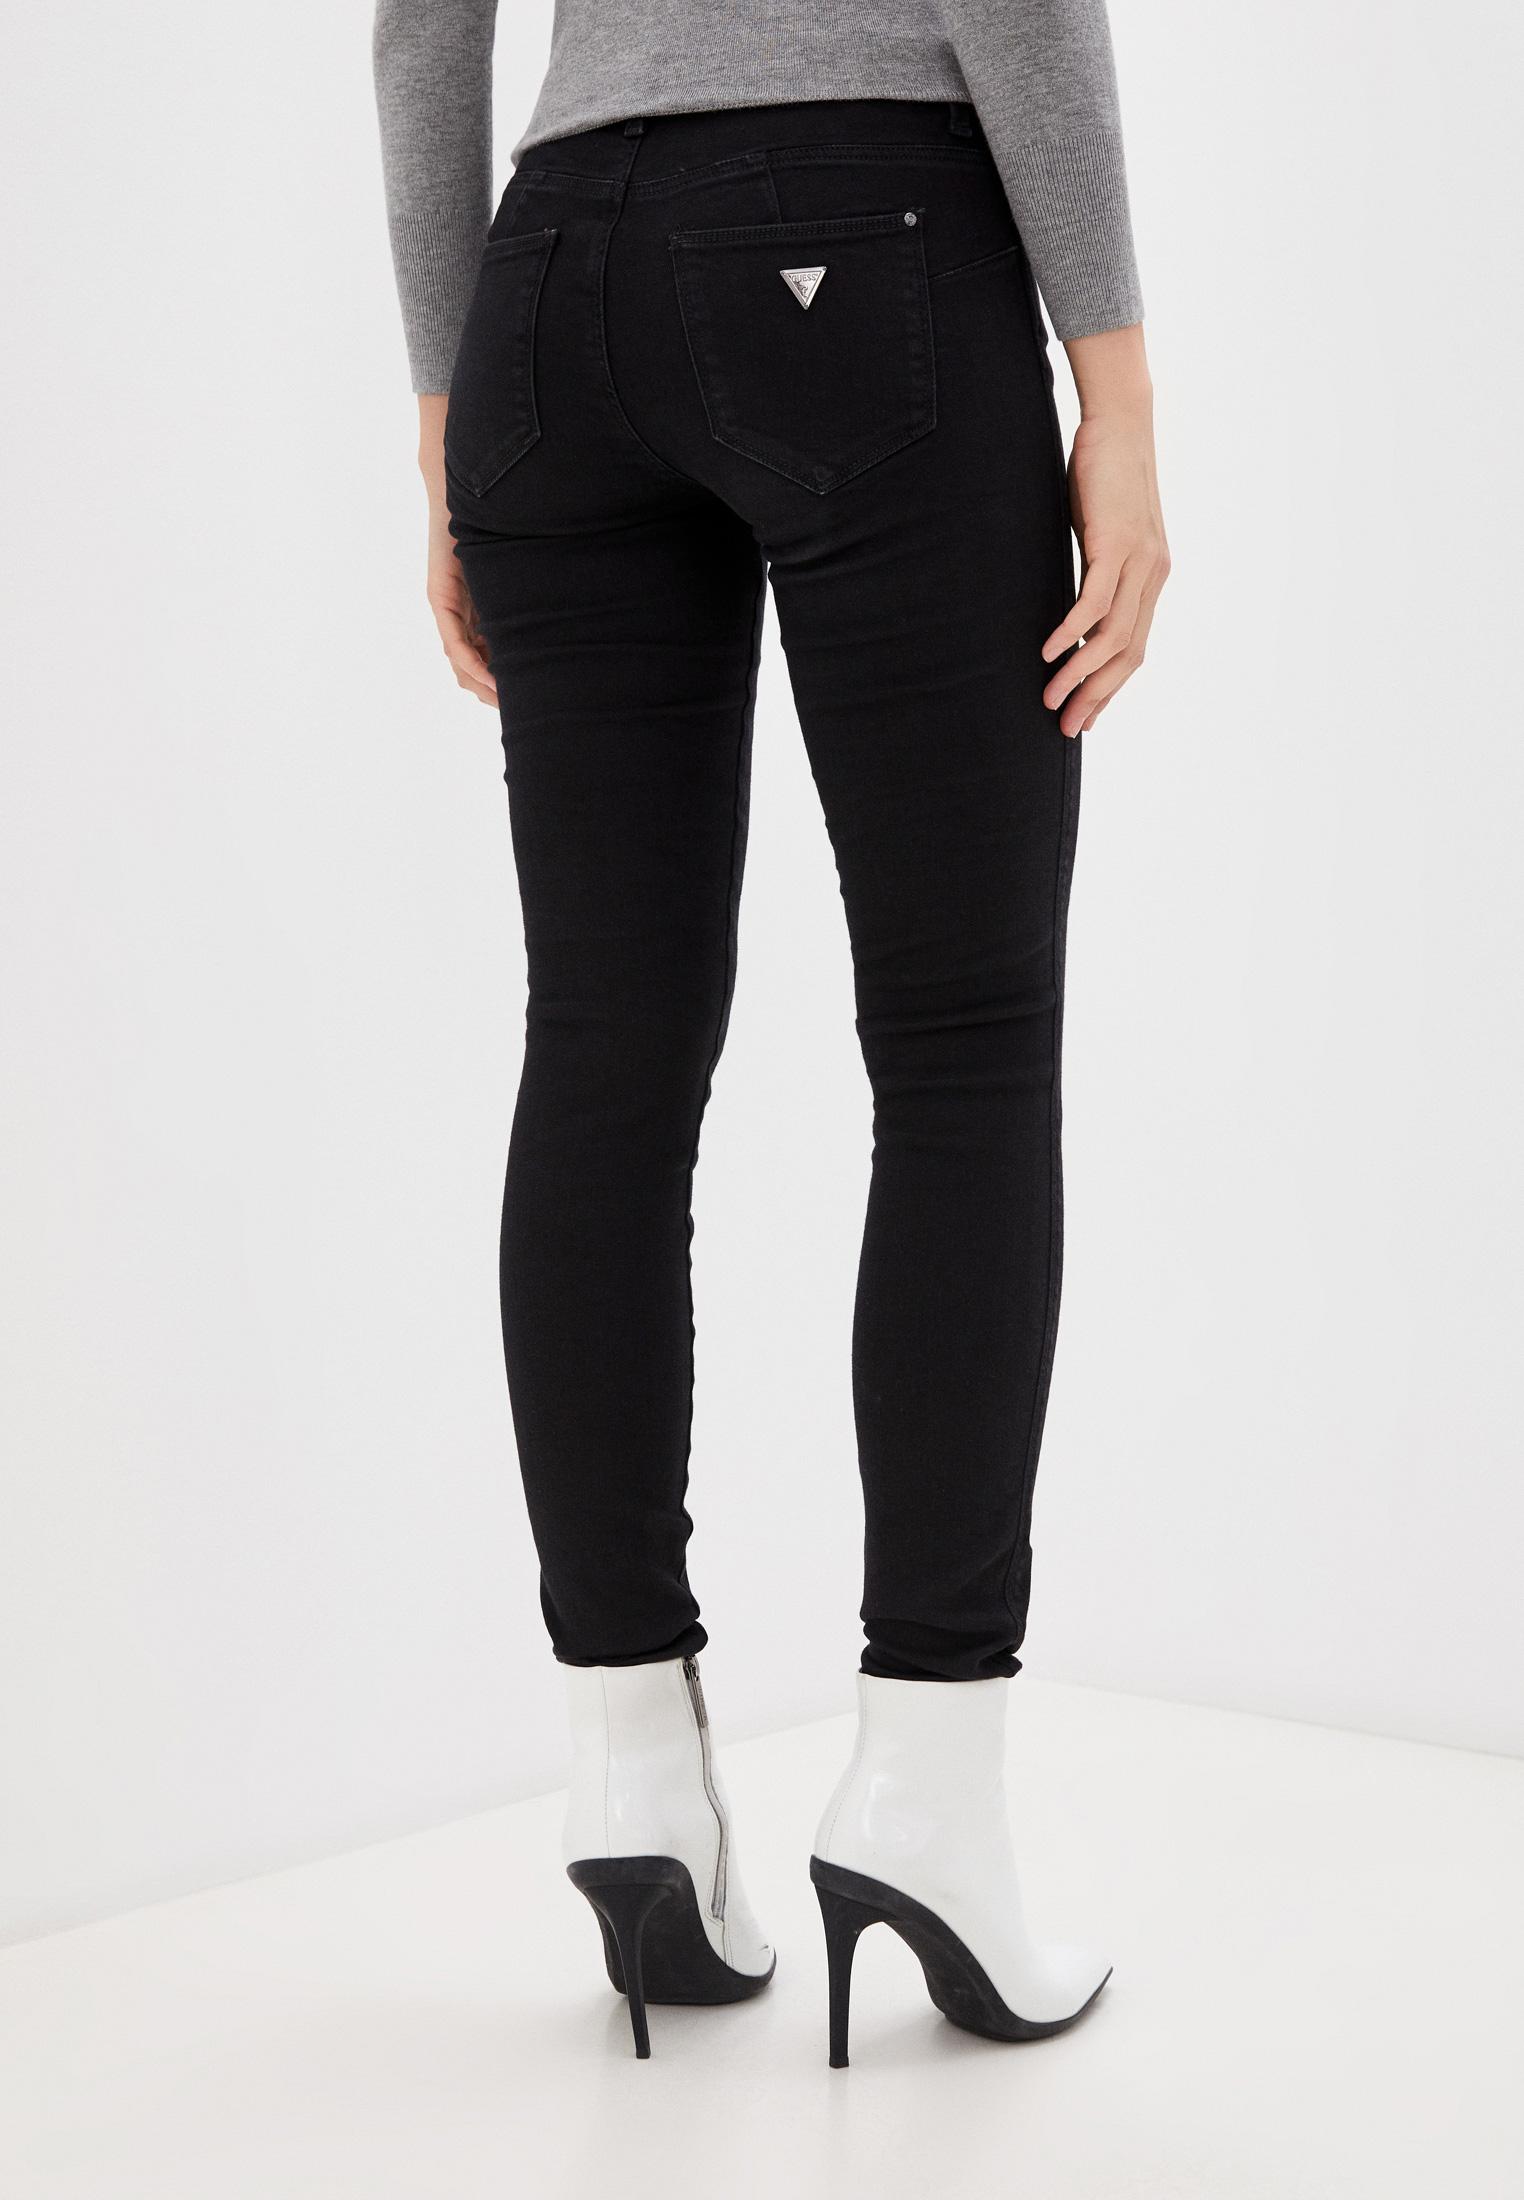 Зауженные джинсы Guess Jeans W1RAJ2 D4B22: изображение 3